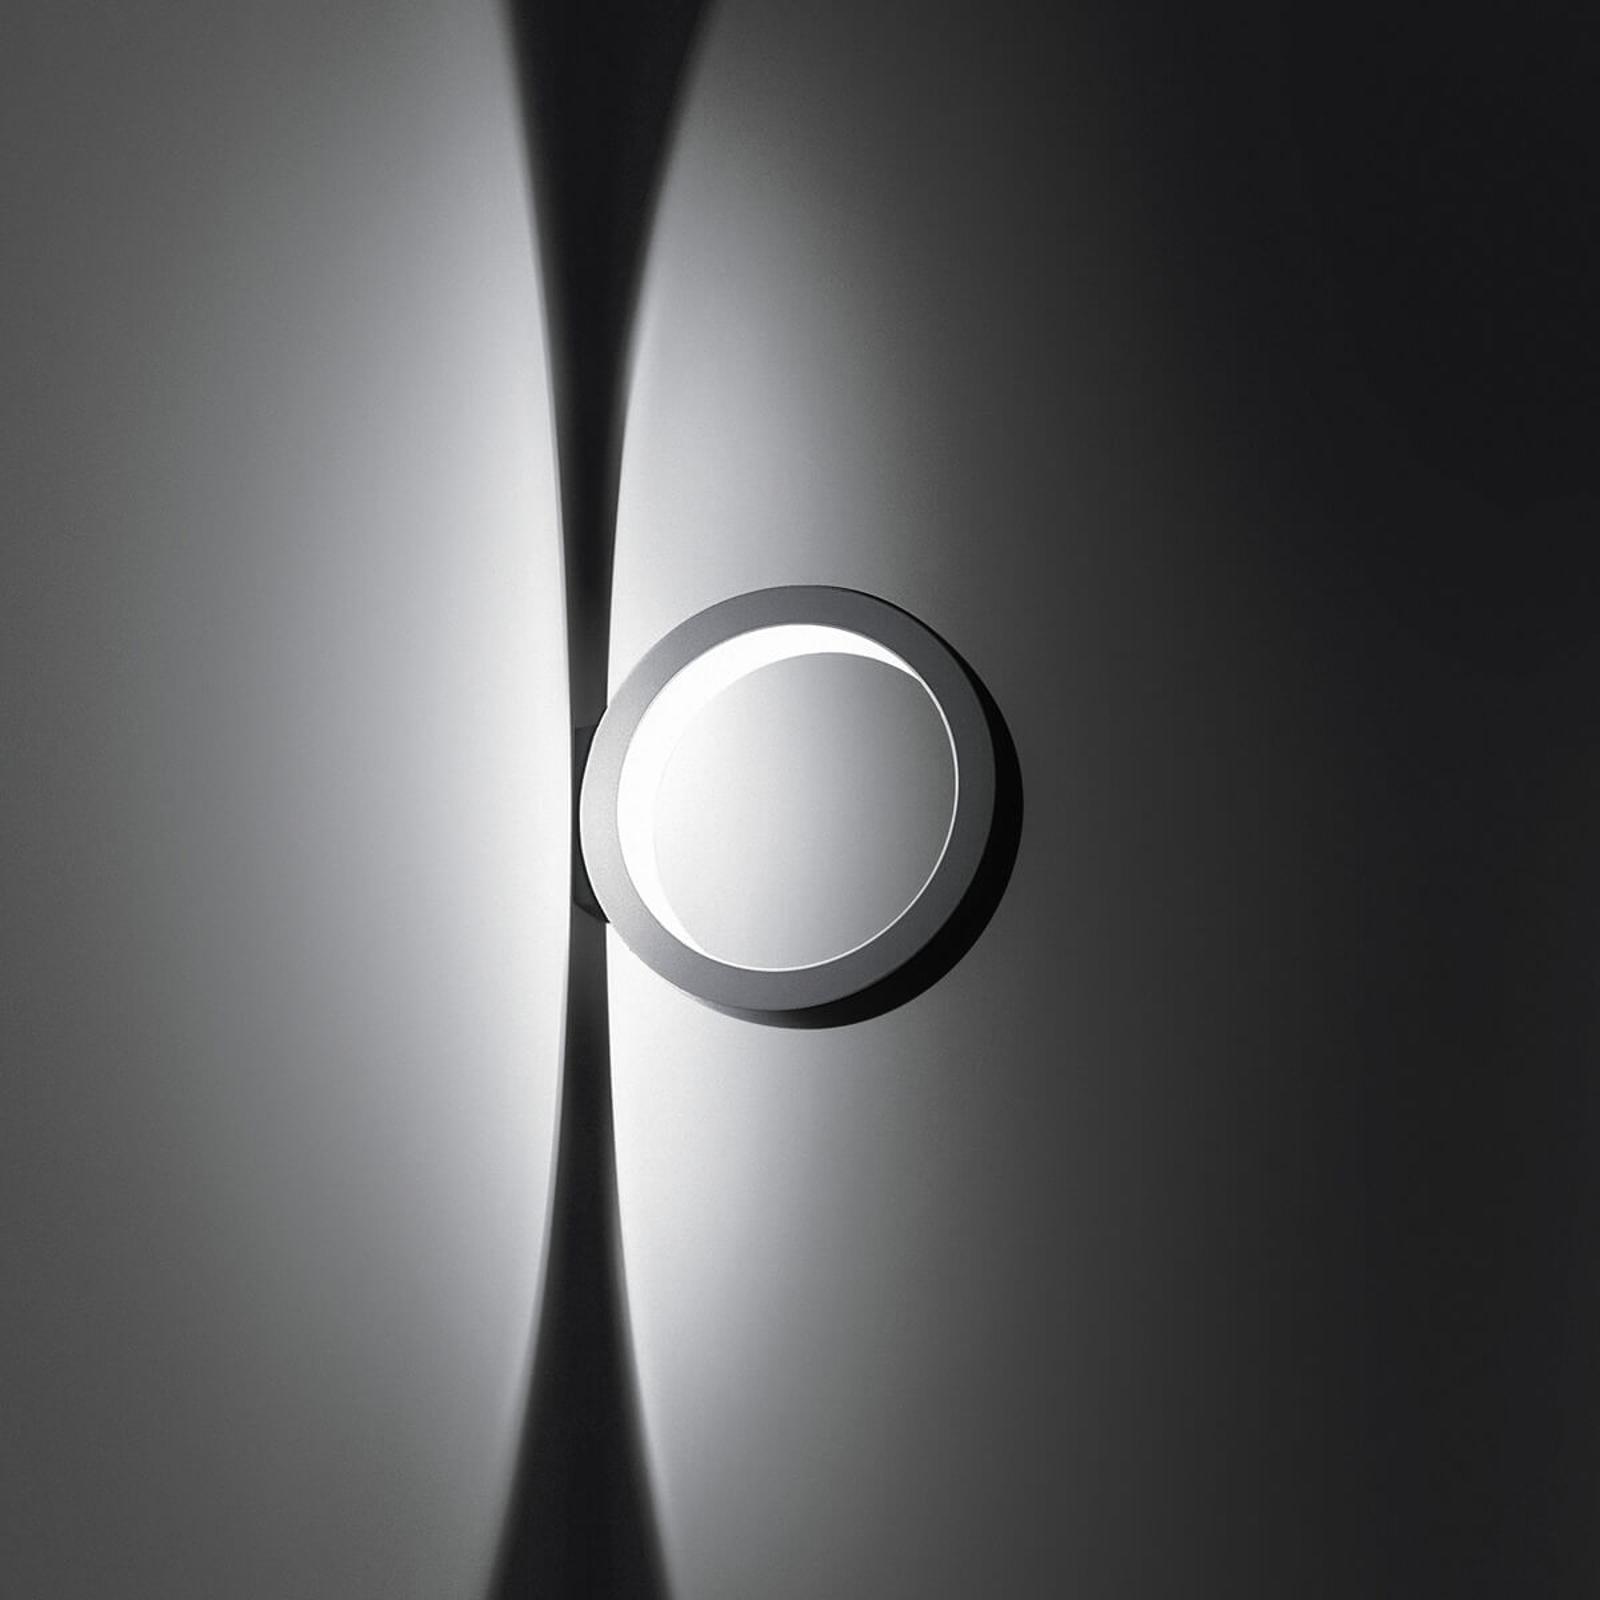 Rund designvägglampa Assolo med dimbara LED-ljus